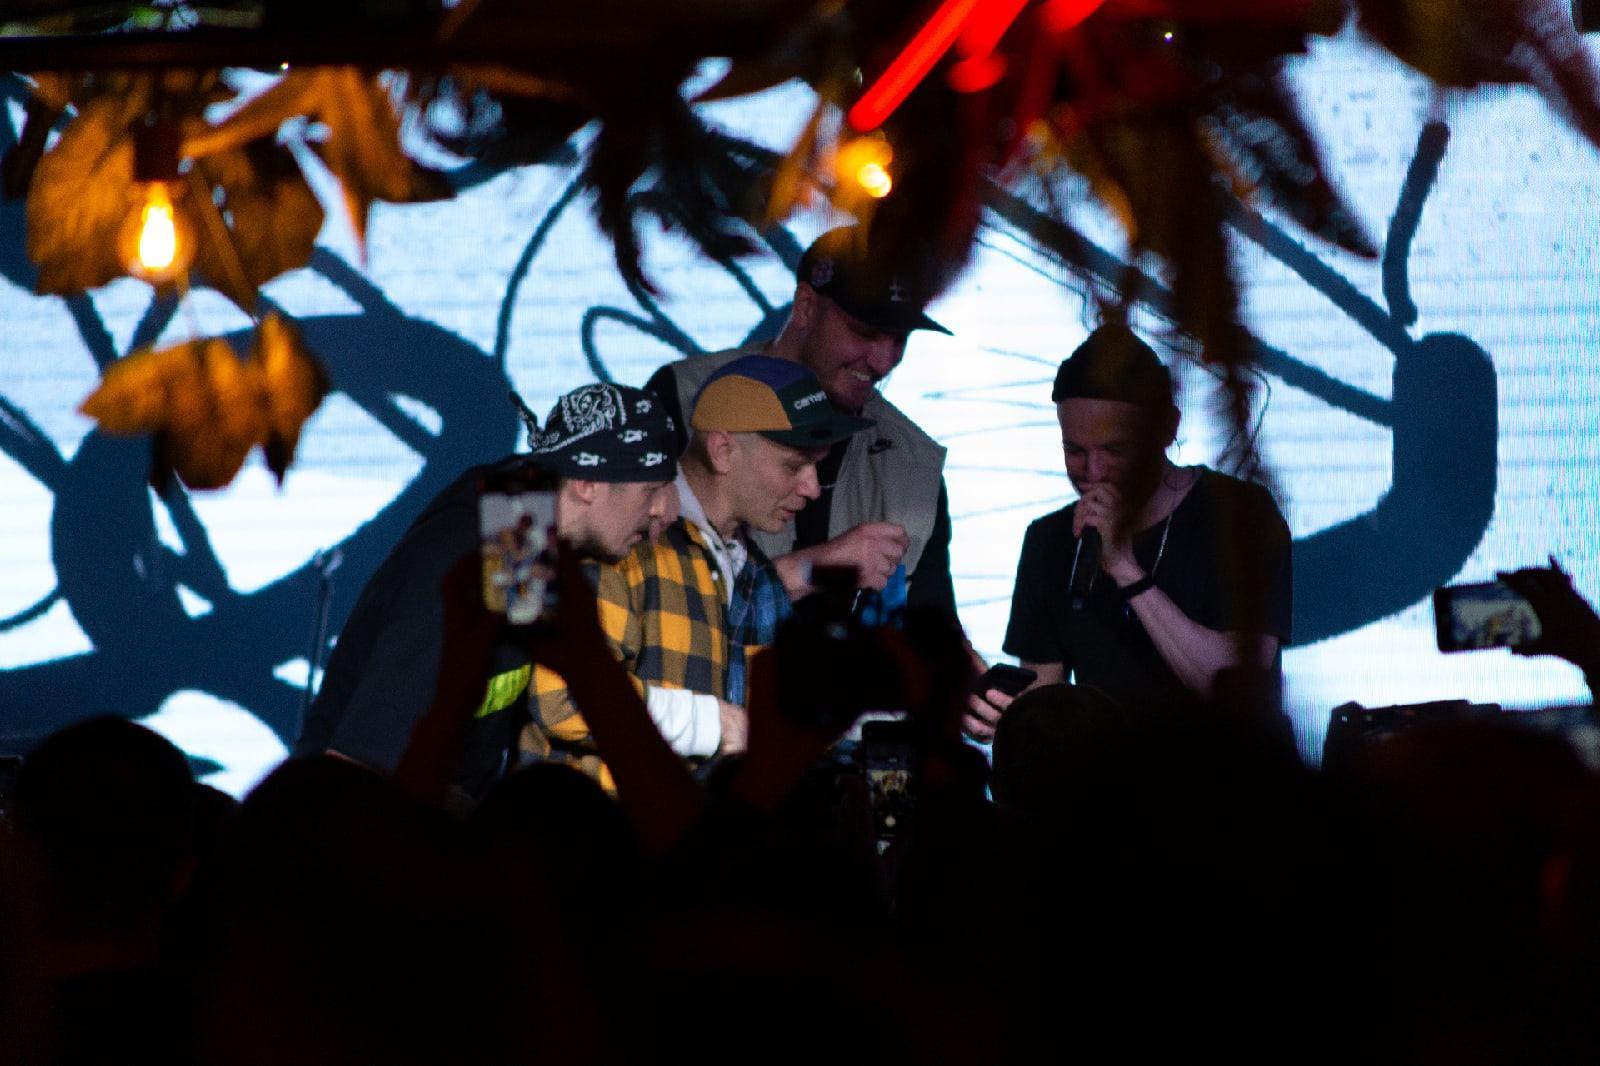 фото «Какие-то типы качают головой в ритм»: группа «Каста» выступила в Новосибирске – 10 фото с долгожданного концерта 9